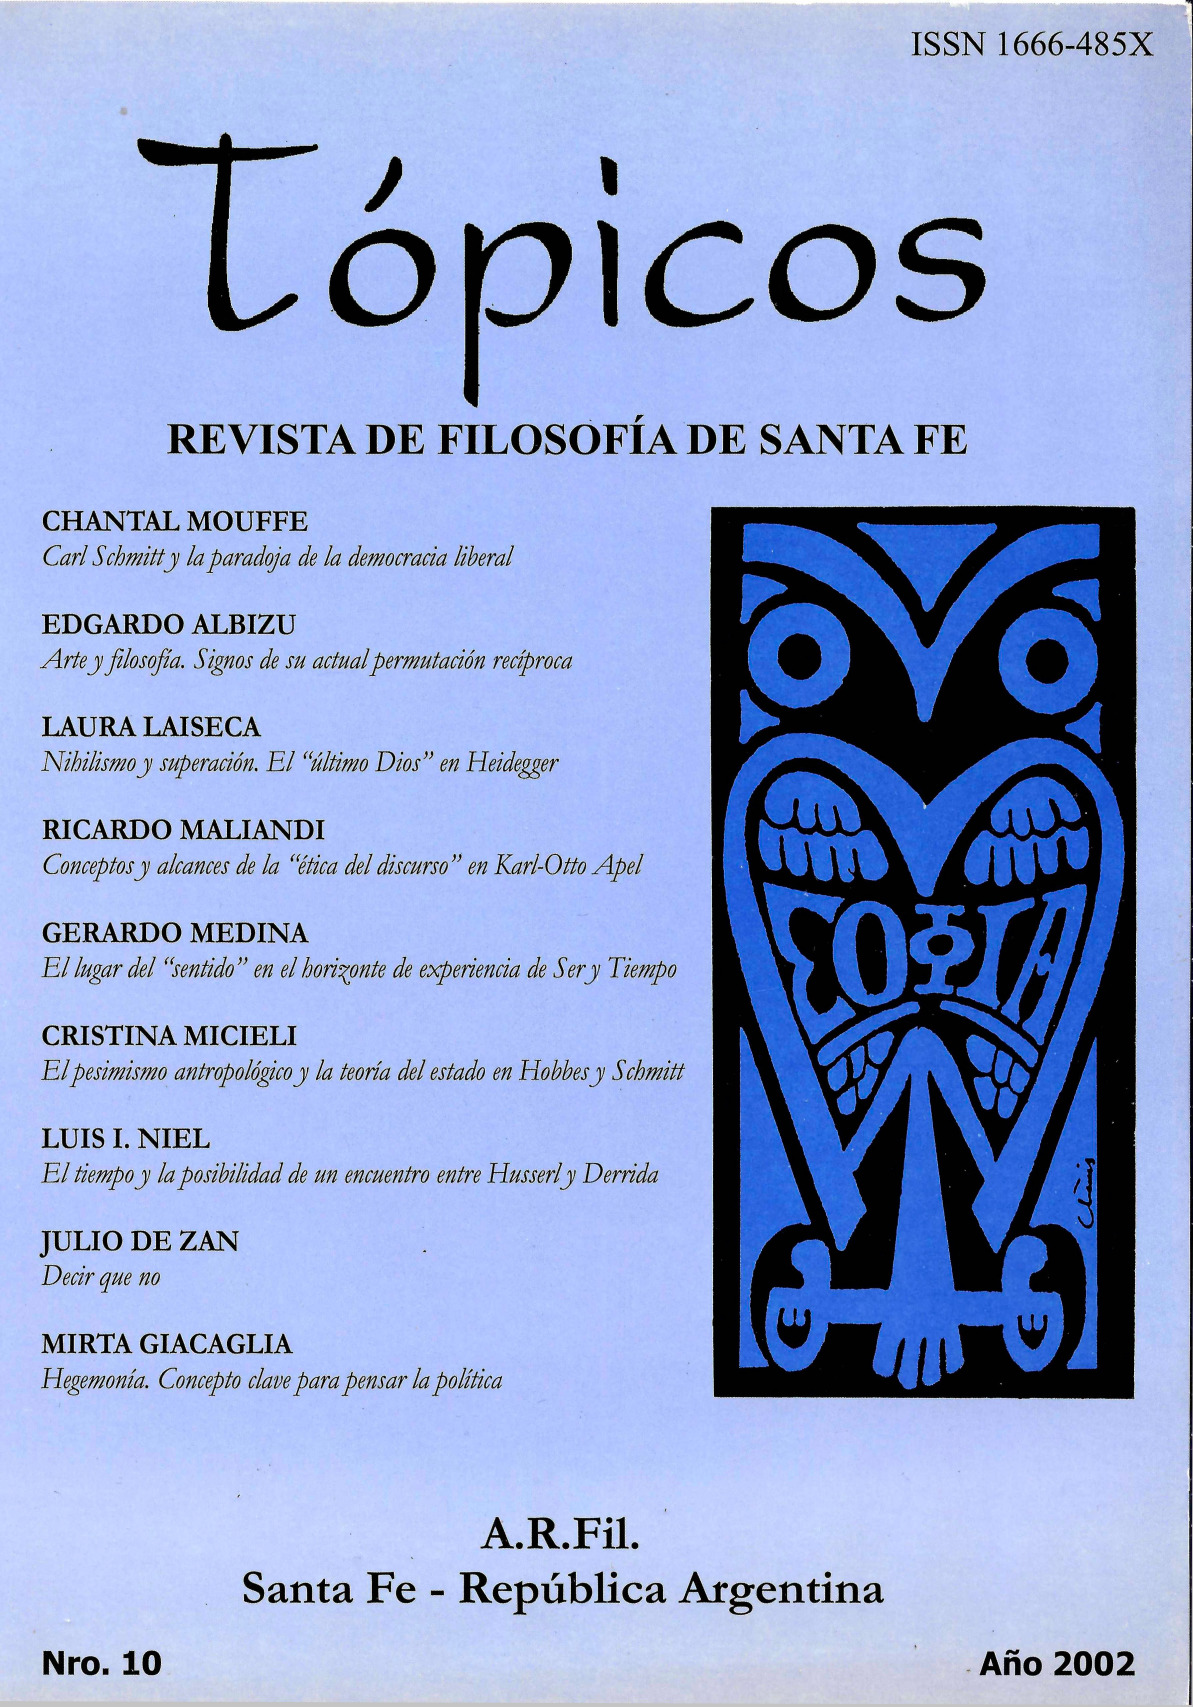 Imagen de tapa de Revista Tópicos Nº 10.